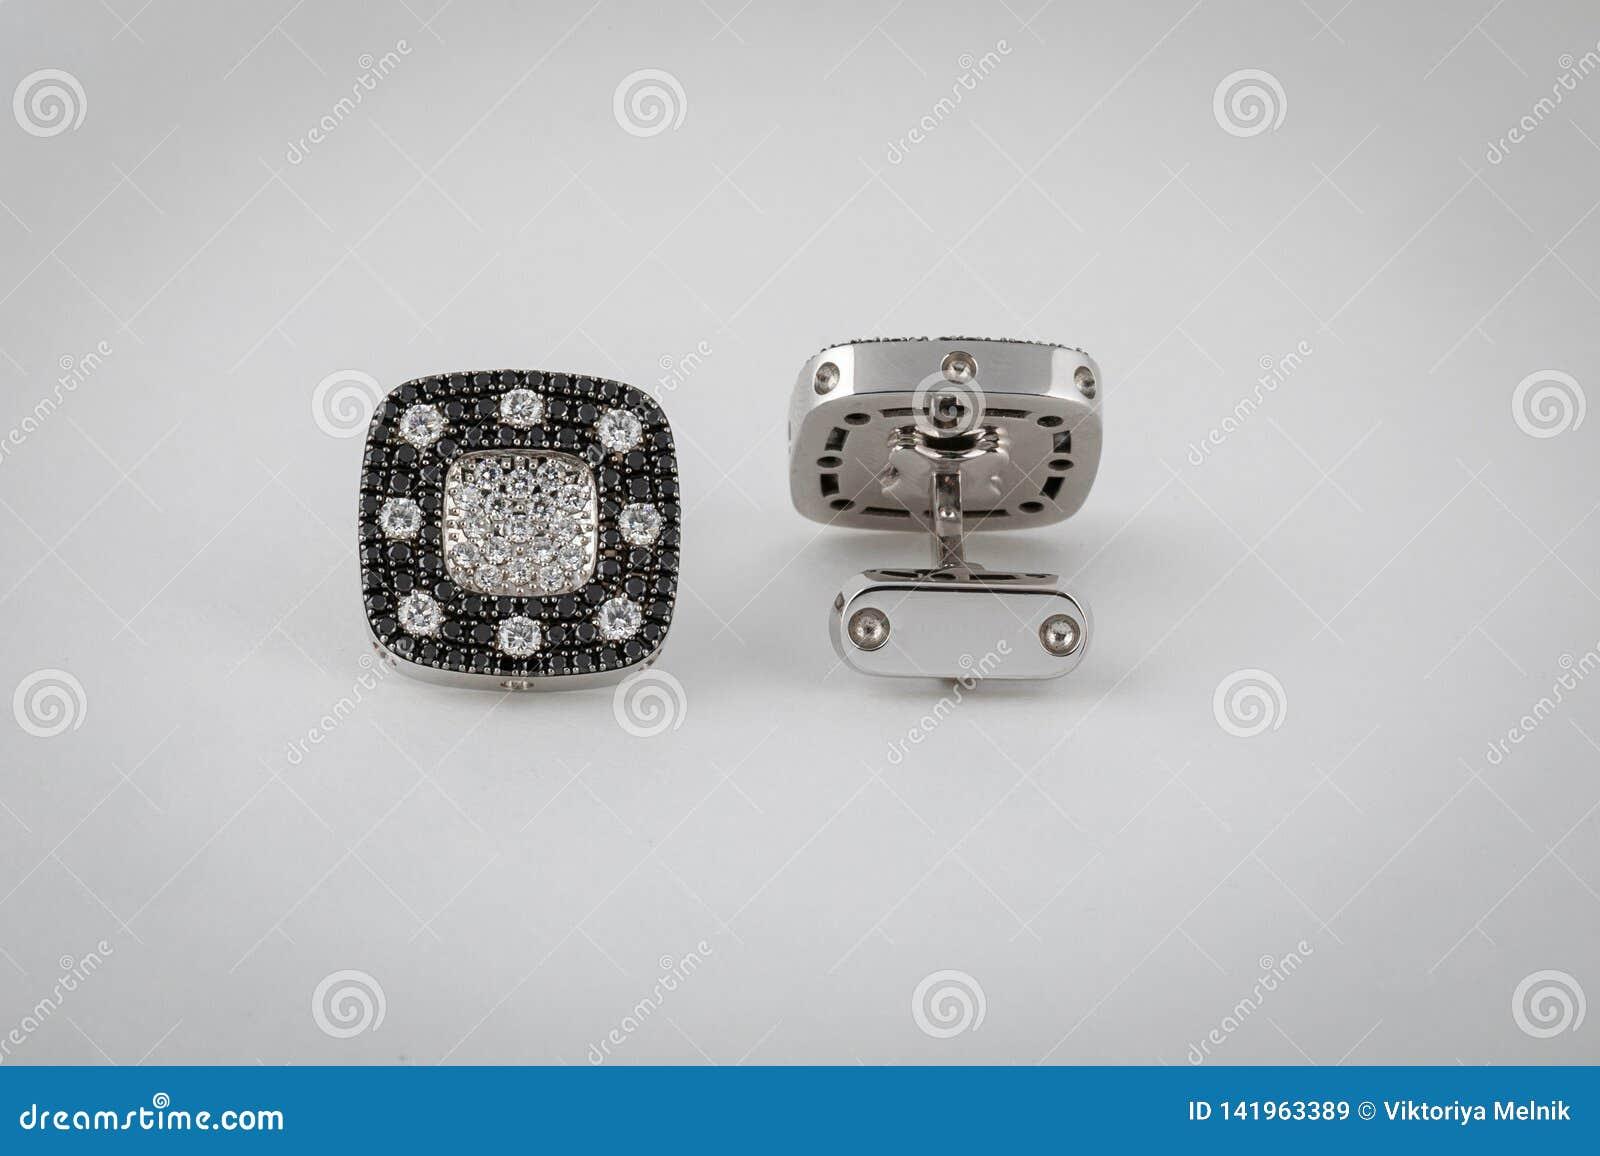 与黑金刚石和白色金刚石的银色链扣在中部,隔绝在白色背景